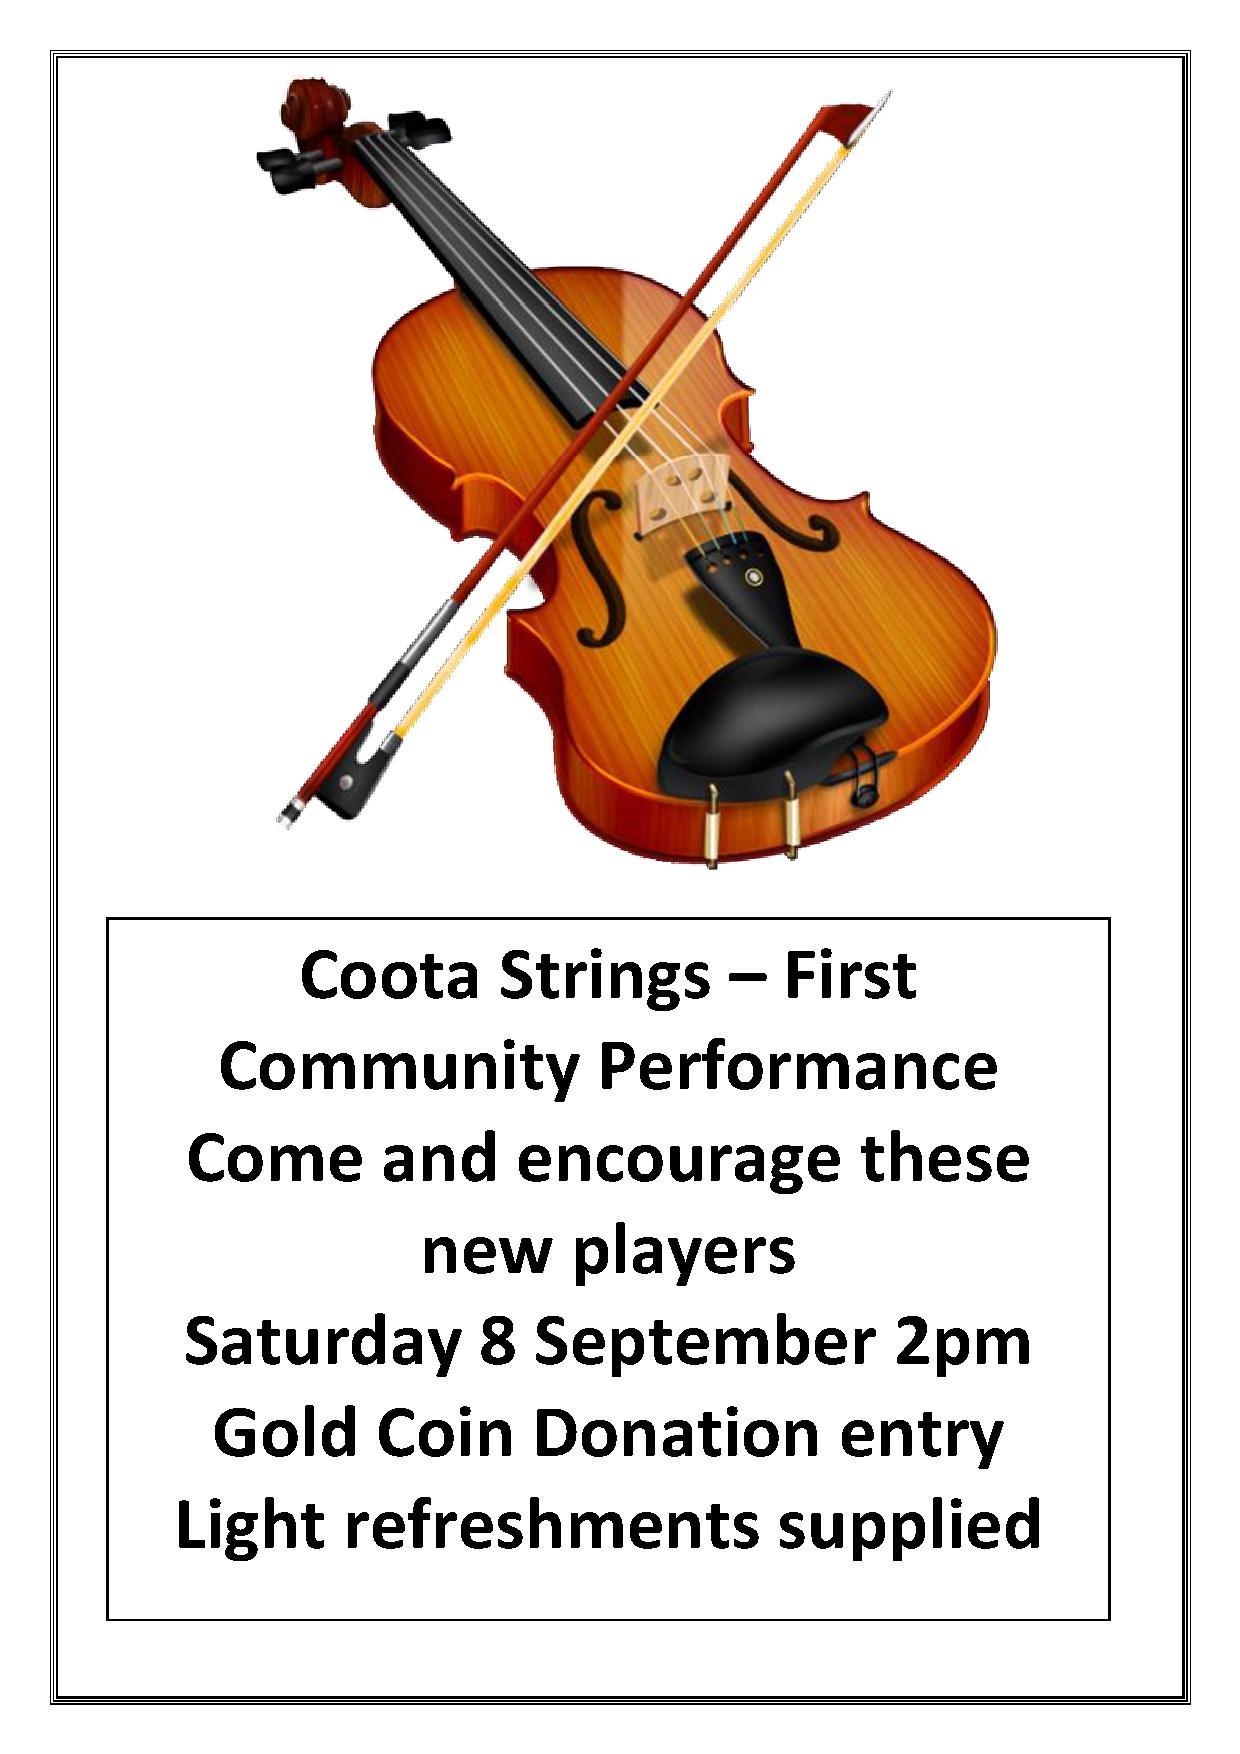 Coota Strings poster.jpg